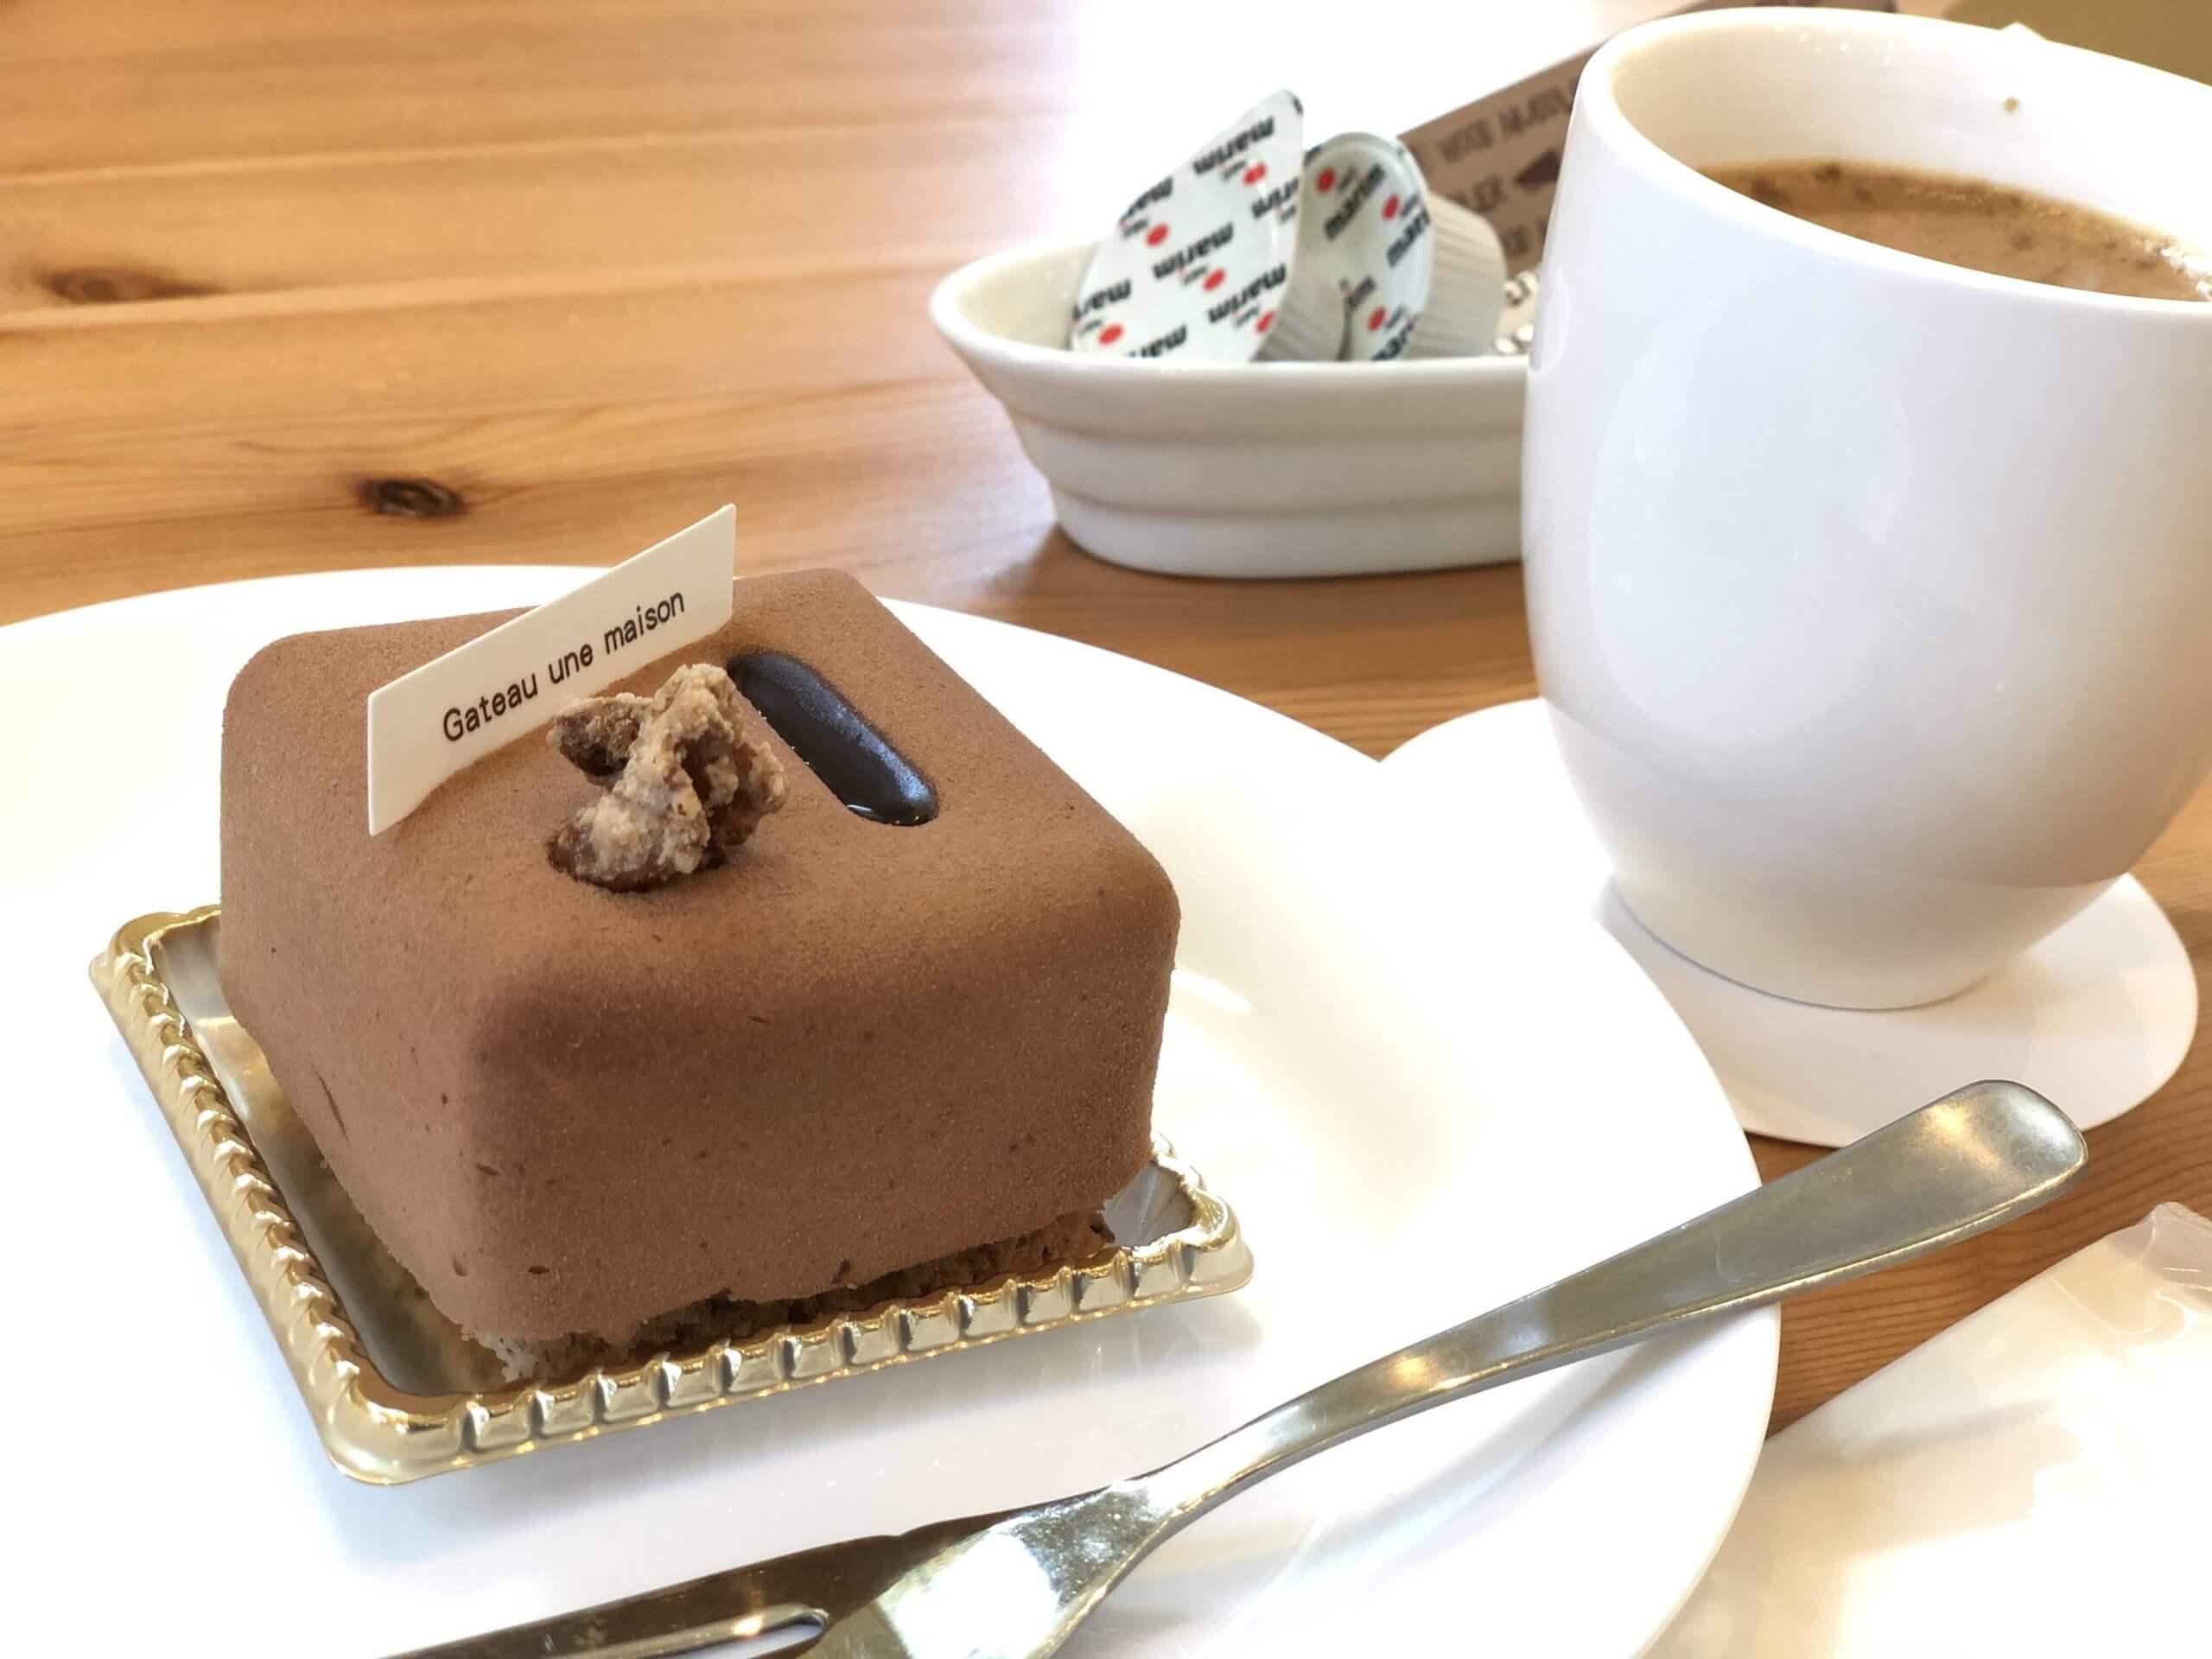 【~お菓子の家~Gateau une maison】居心地のいいケーキ屋さん《上益城郡嘉島町上島》